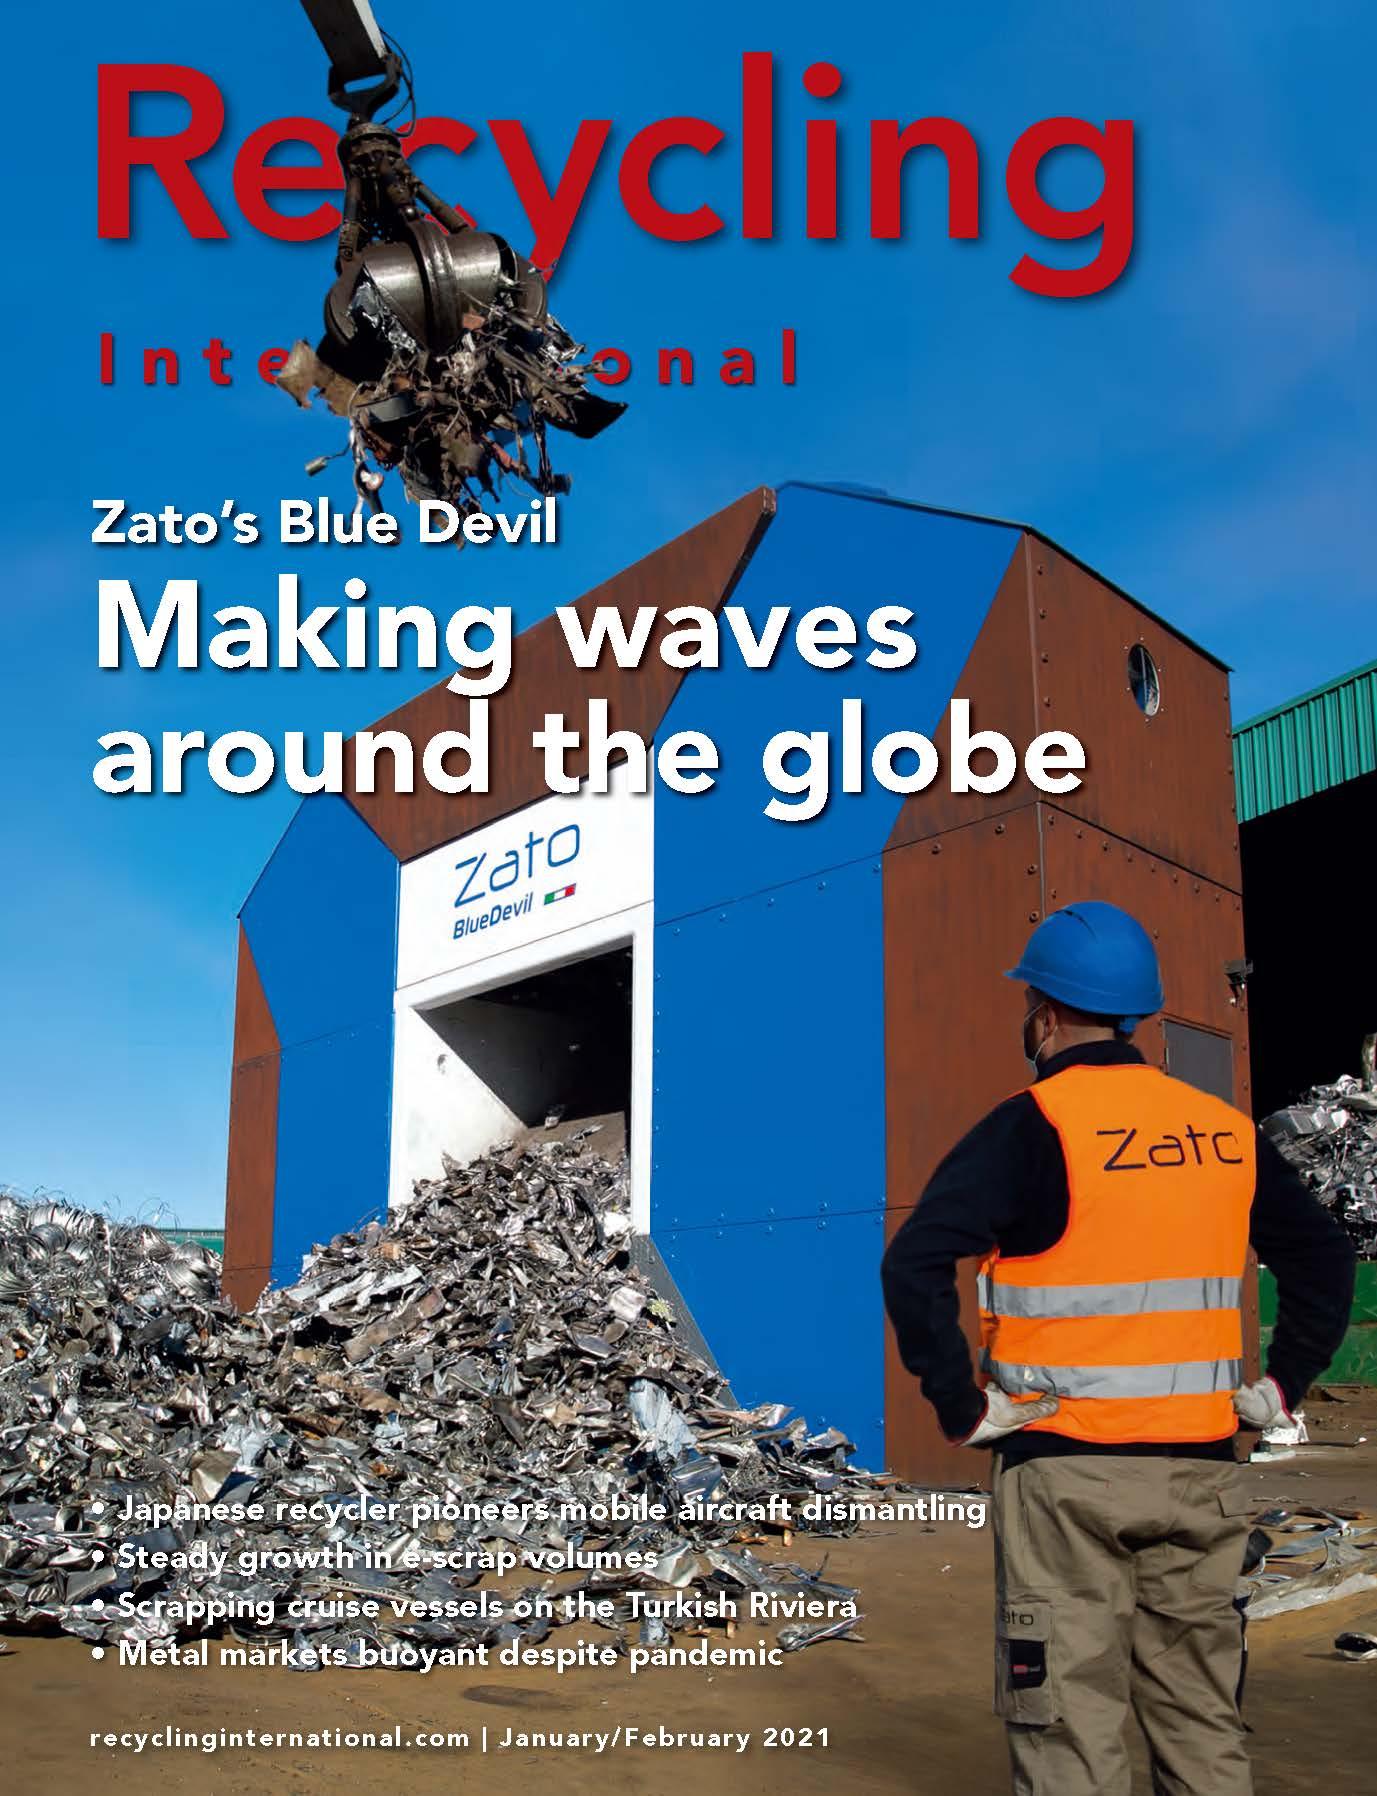 世界的リサイクル専門誌『Recycling International』2021年2月号にタイアップ記事が掲載されました